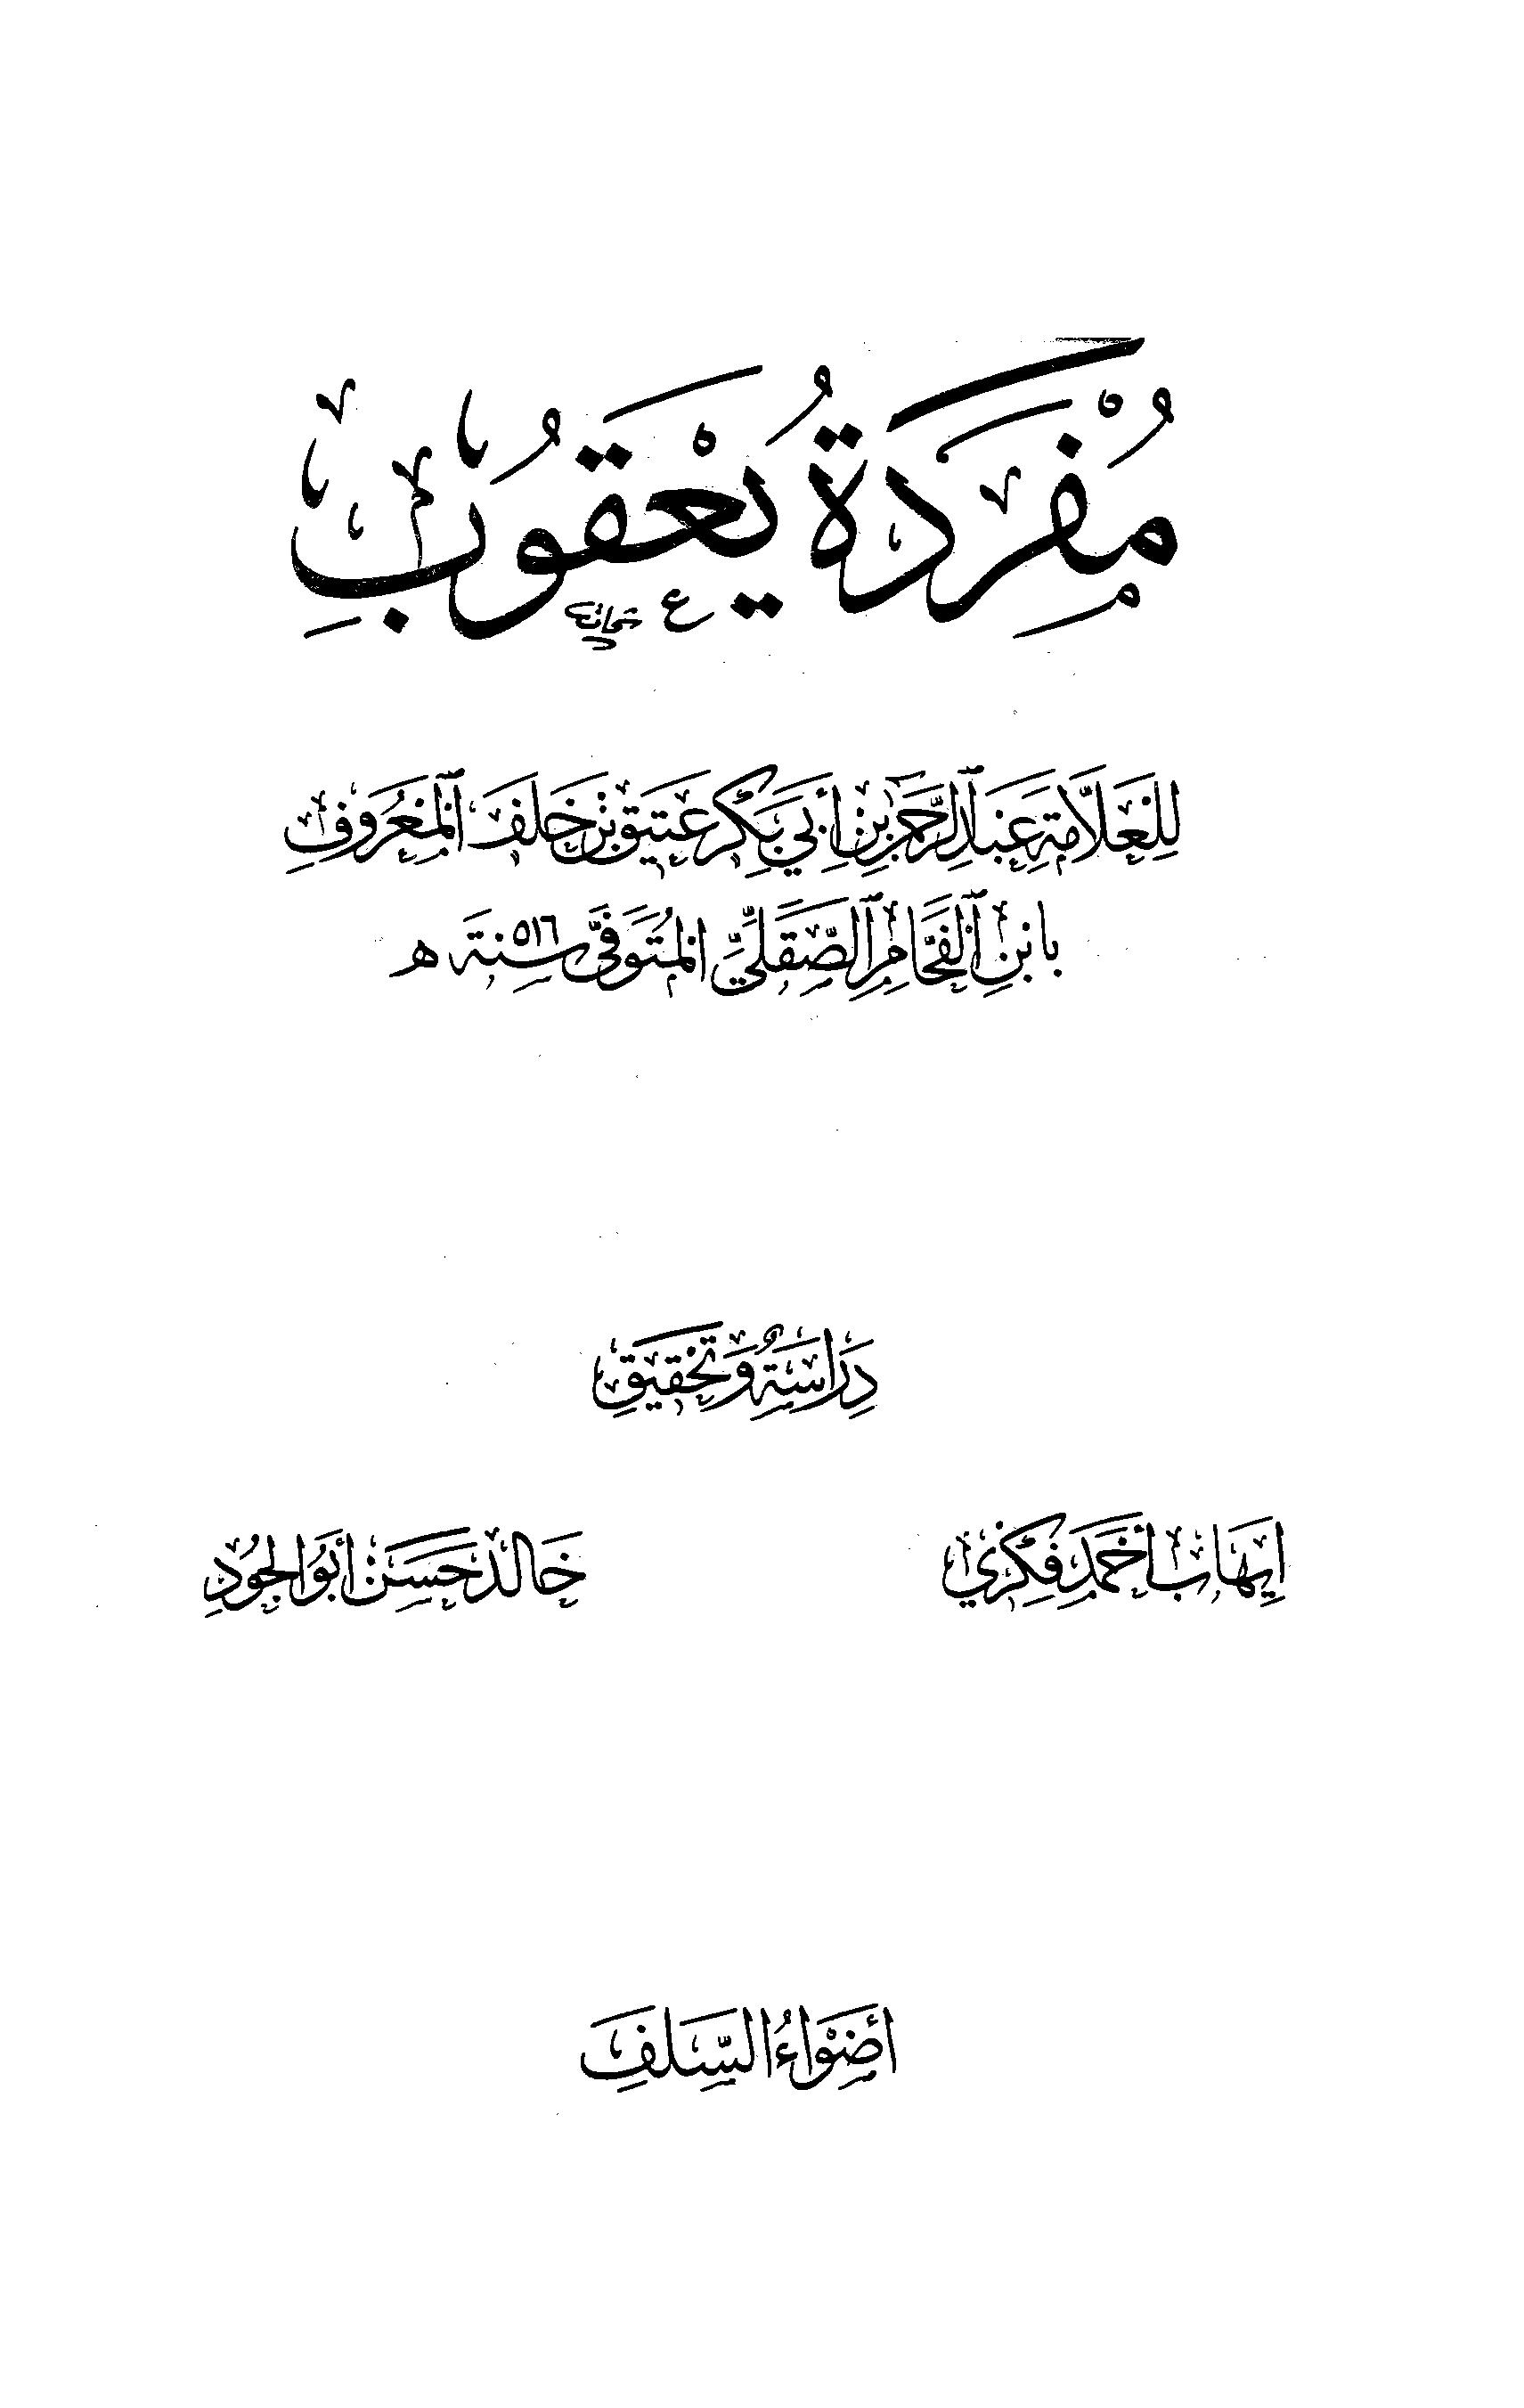 تحميل كتاب مفردة يعقوب (ابن الفحام الصقلي) لـِ: الإمام أبو القاسم عبد الرحمن بن عتيق بن خلف بن الفحام الصقلي (ت 516)